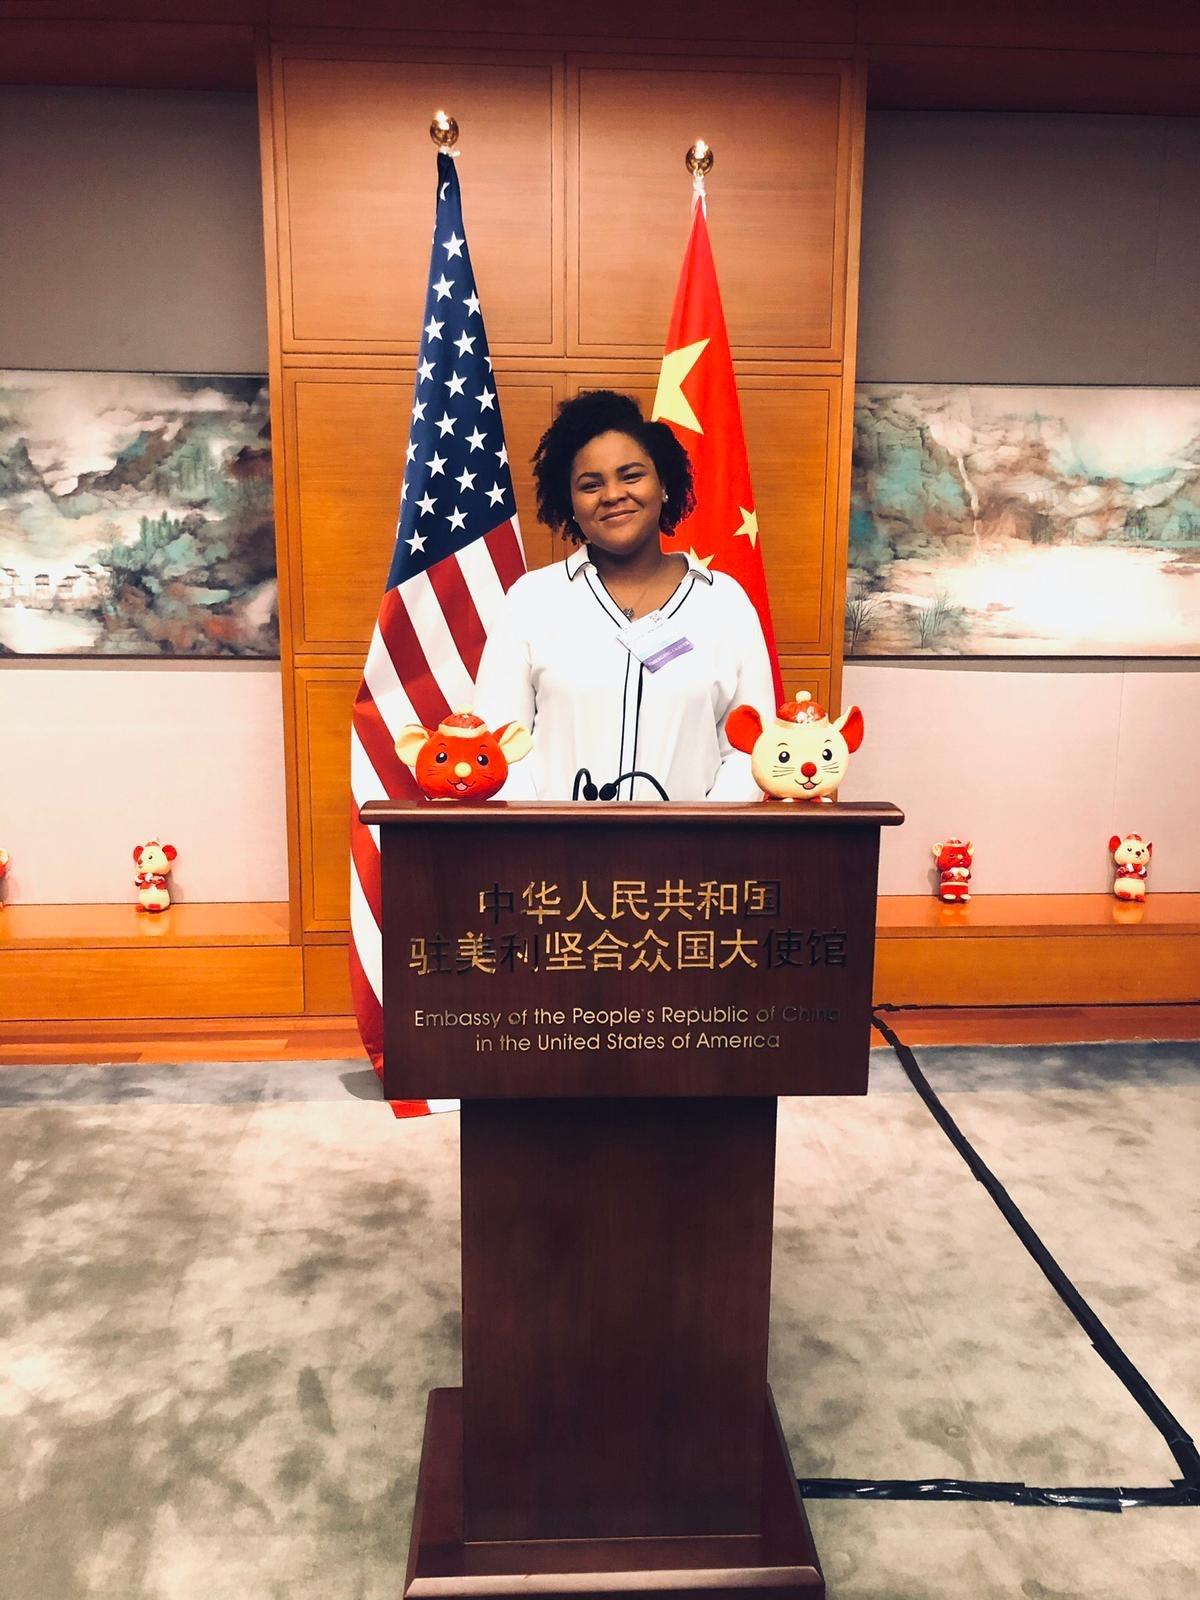 Almarie at podium